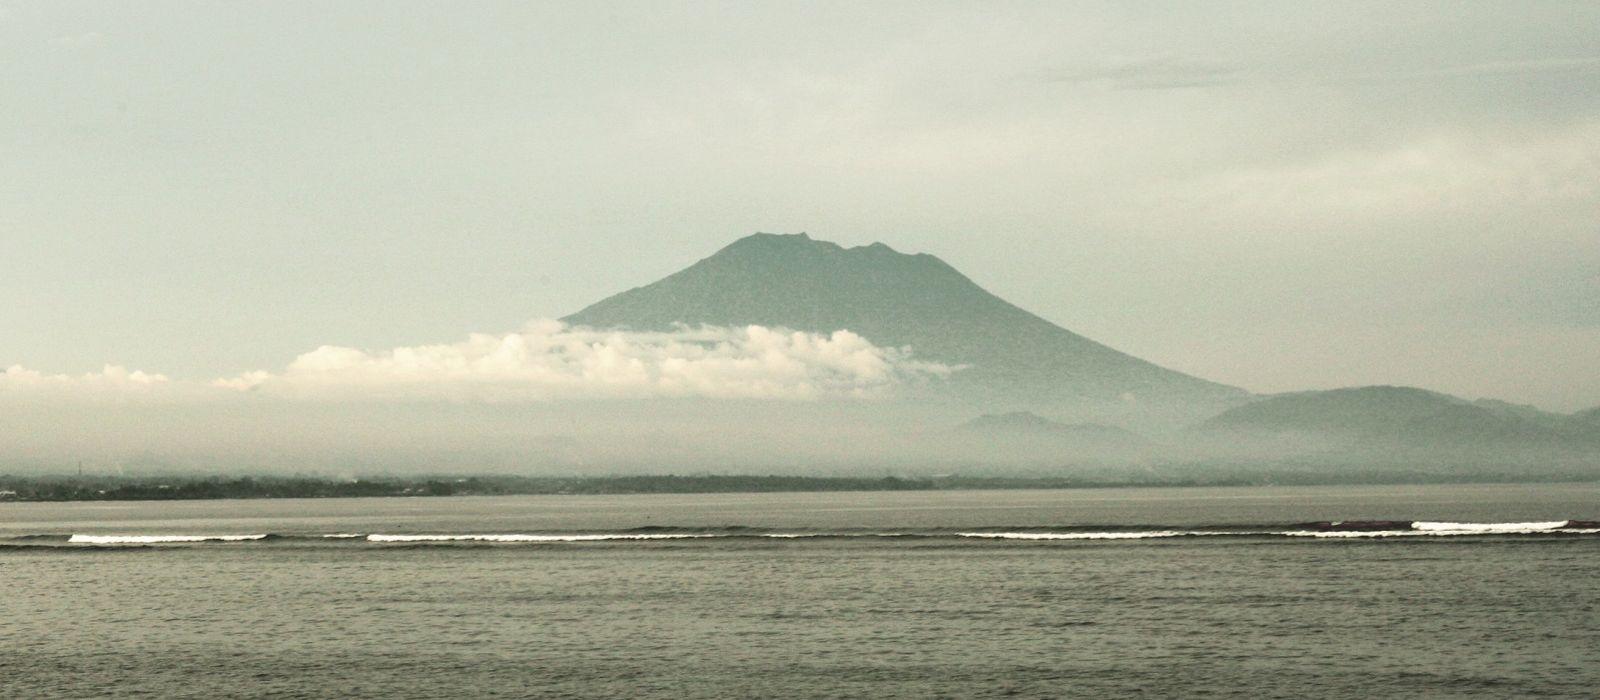 Indonesien: Von Insel zu Insel & Bali Urlaub 8